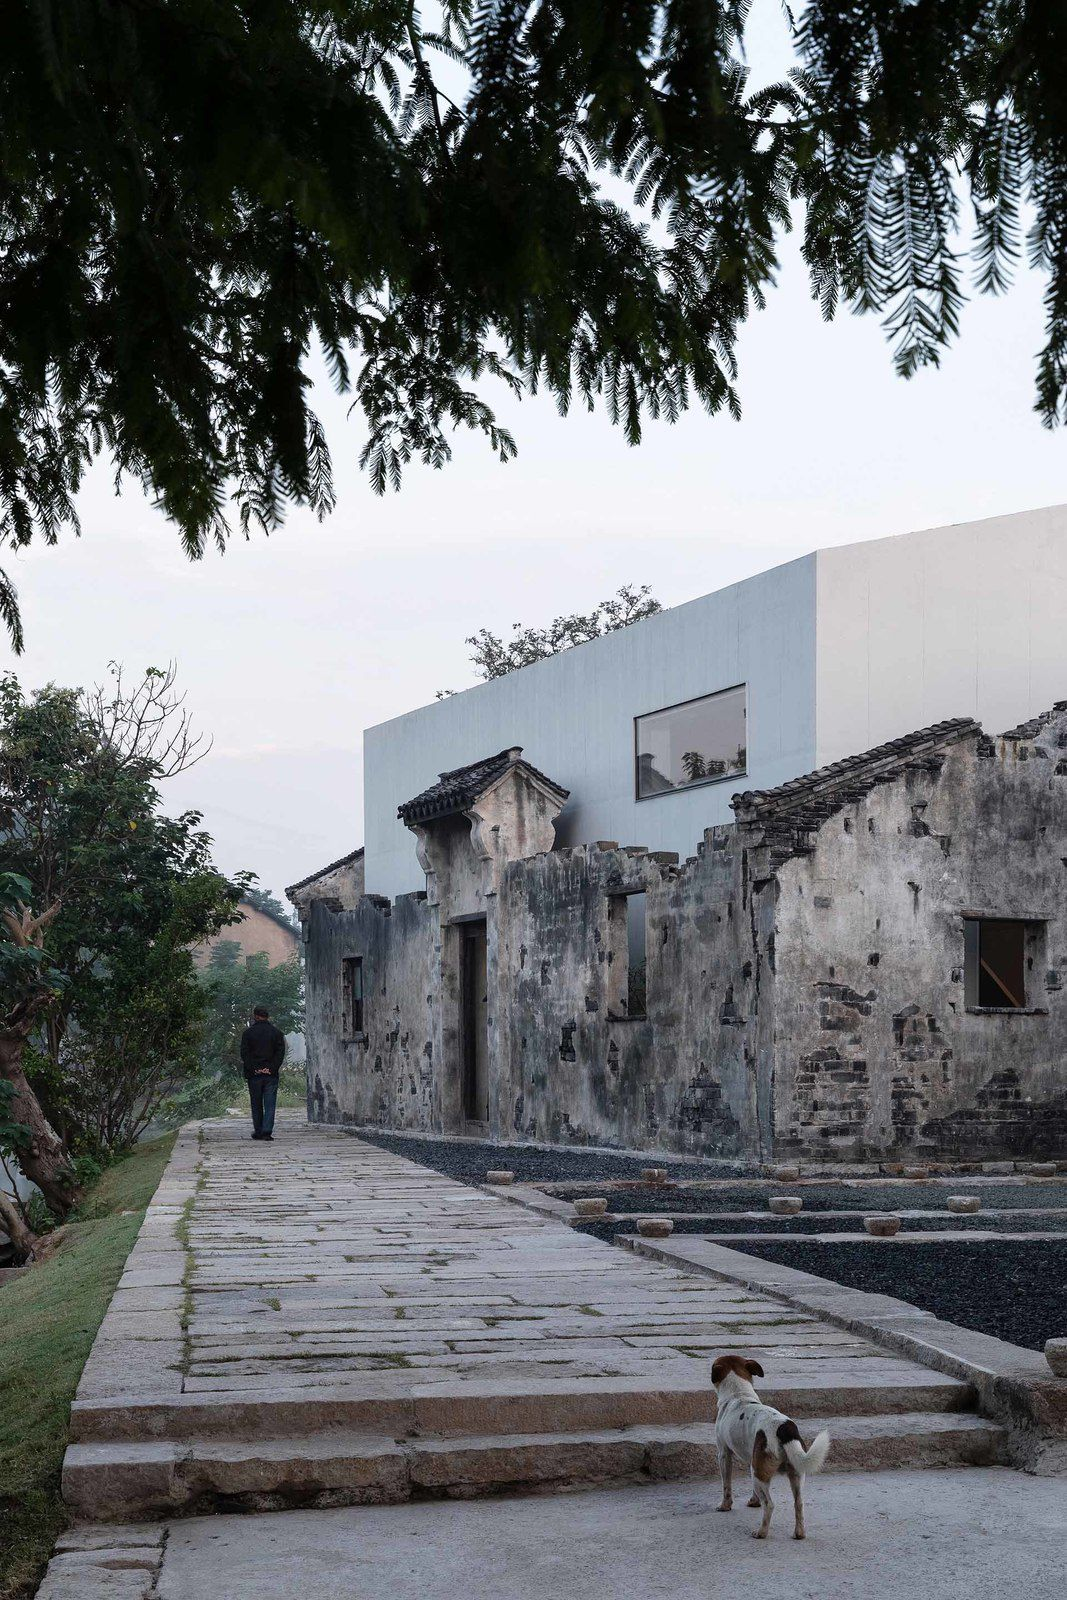 章堰文化馆 / ZHANG YAN CULTURAL MUSEUM IN CHONGGU TOWN, CHINA BY HORIZONTAL DESIGN TEAM